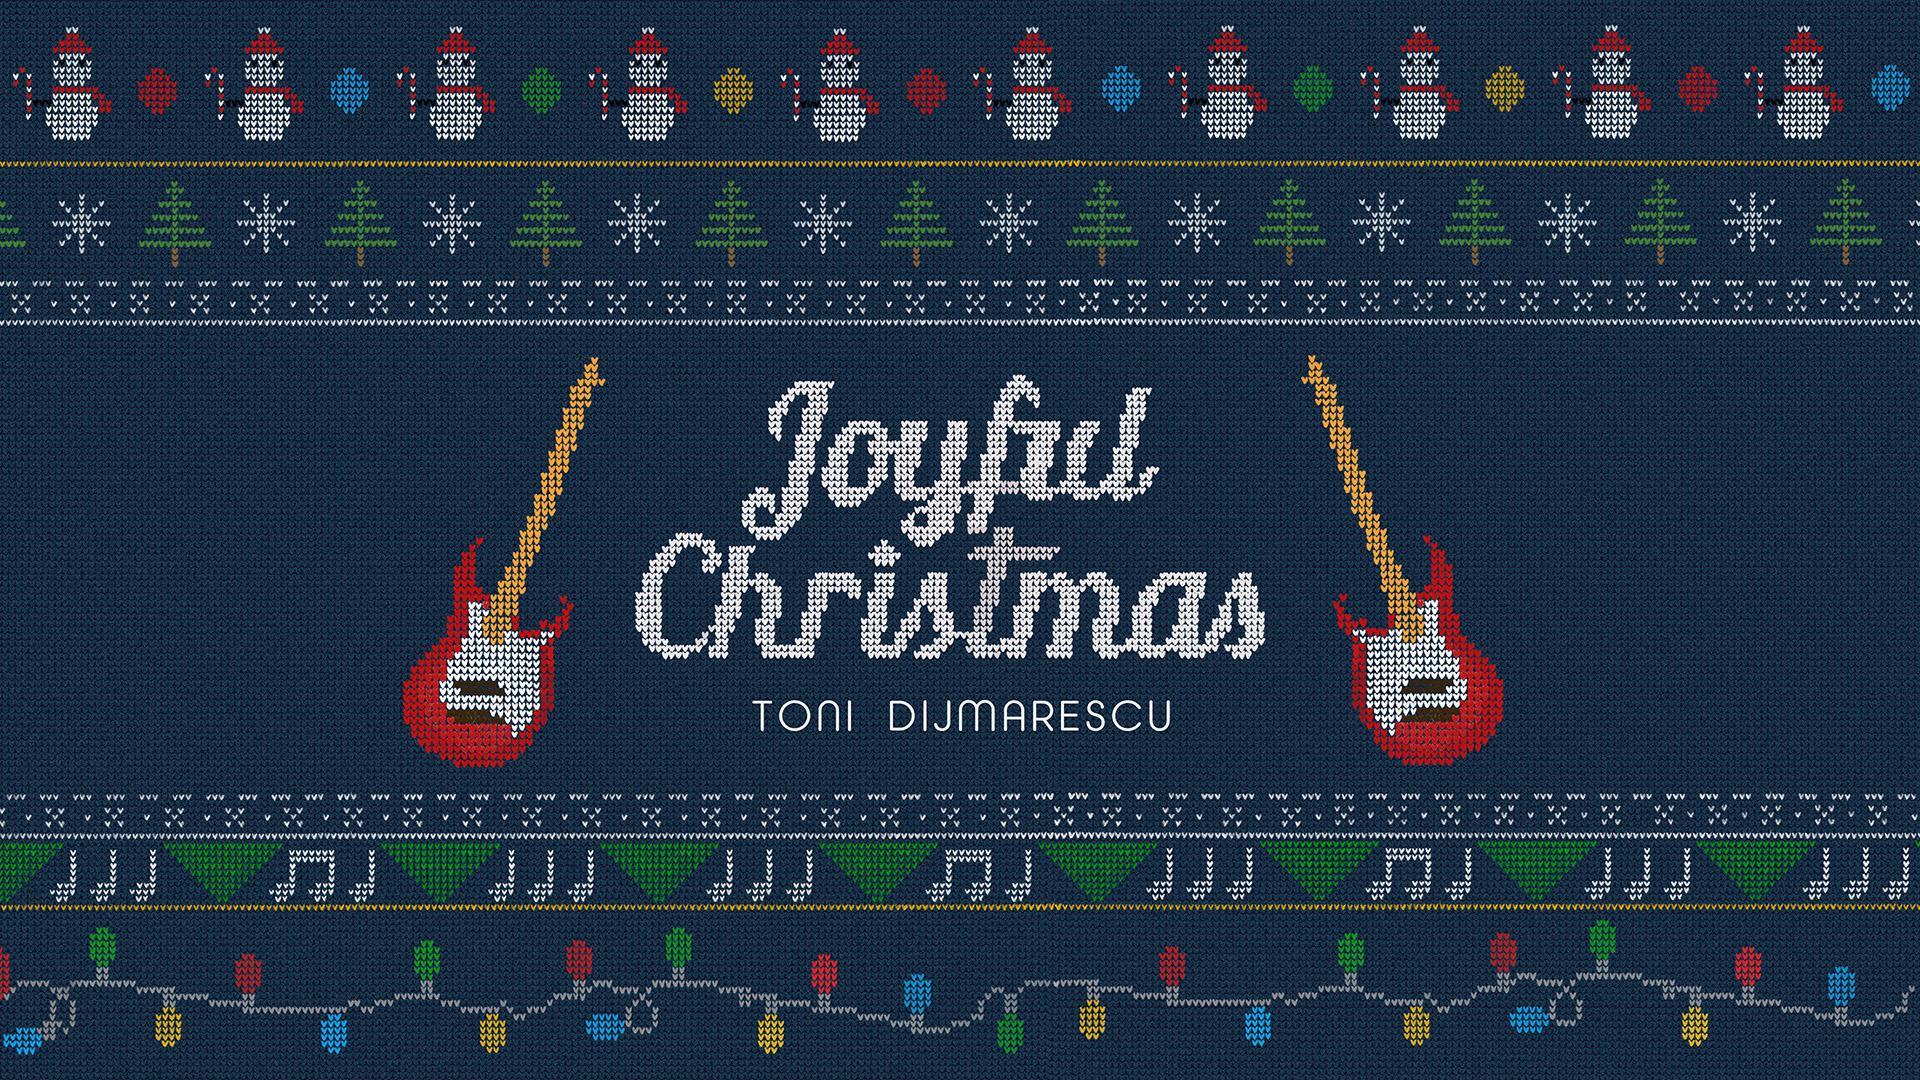 """TONI DIJMARESCU lanseaza single-ul """"Joyful Christmas"""", o melodie speciala de Craciun"""